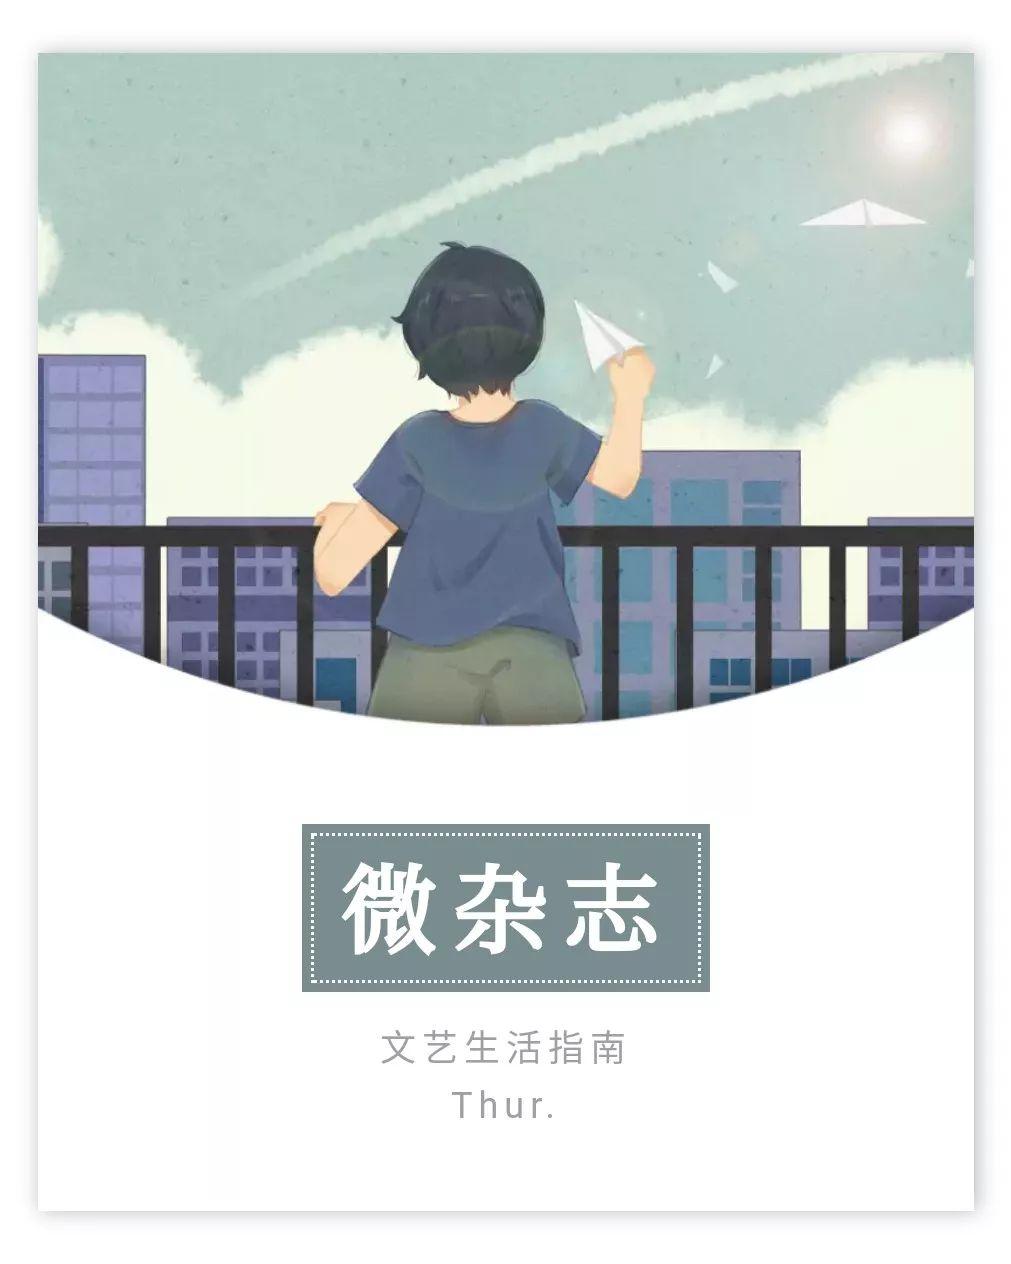 """9.5高分神剧暖哭中国观众:父母说这三个字,比""""我爱你""""更动听"""